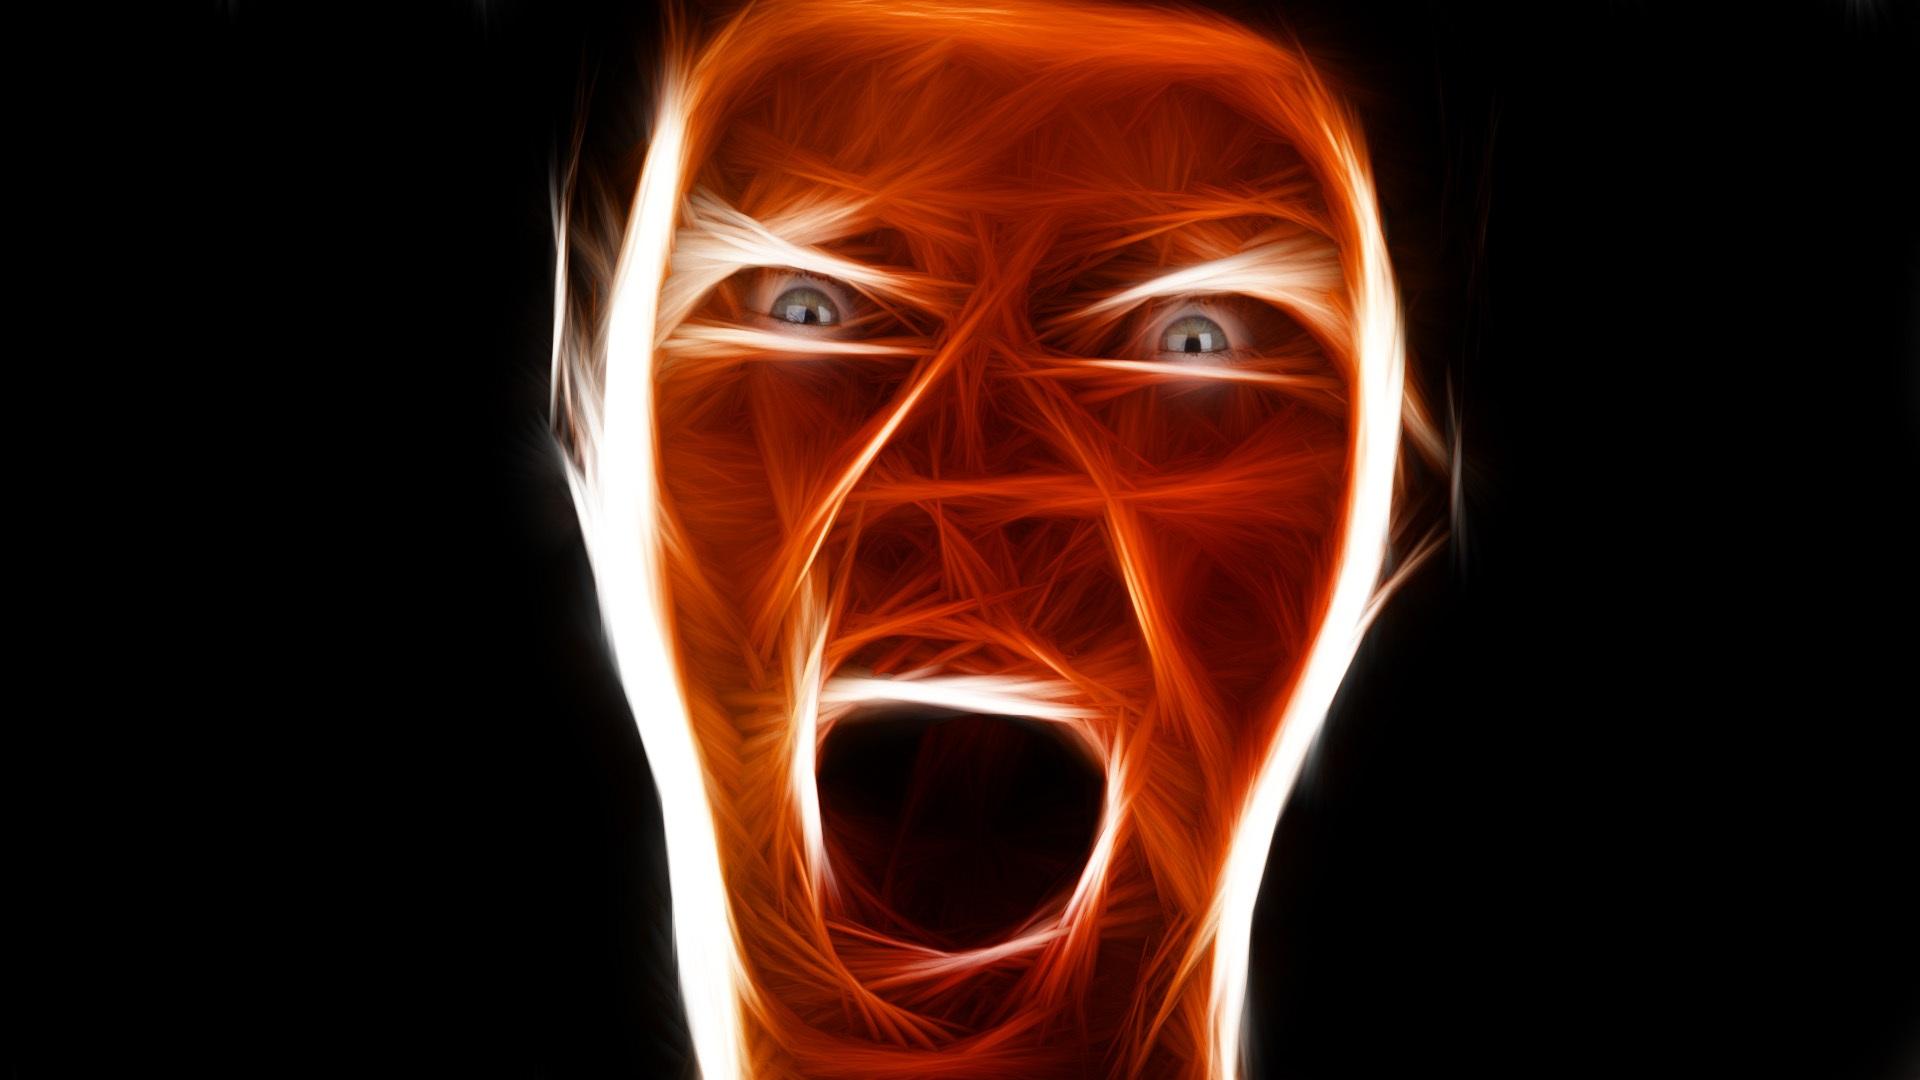 anger-794699